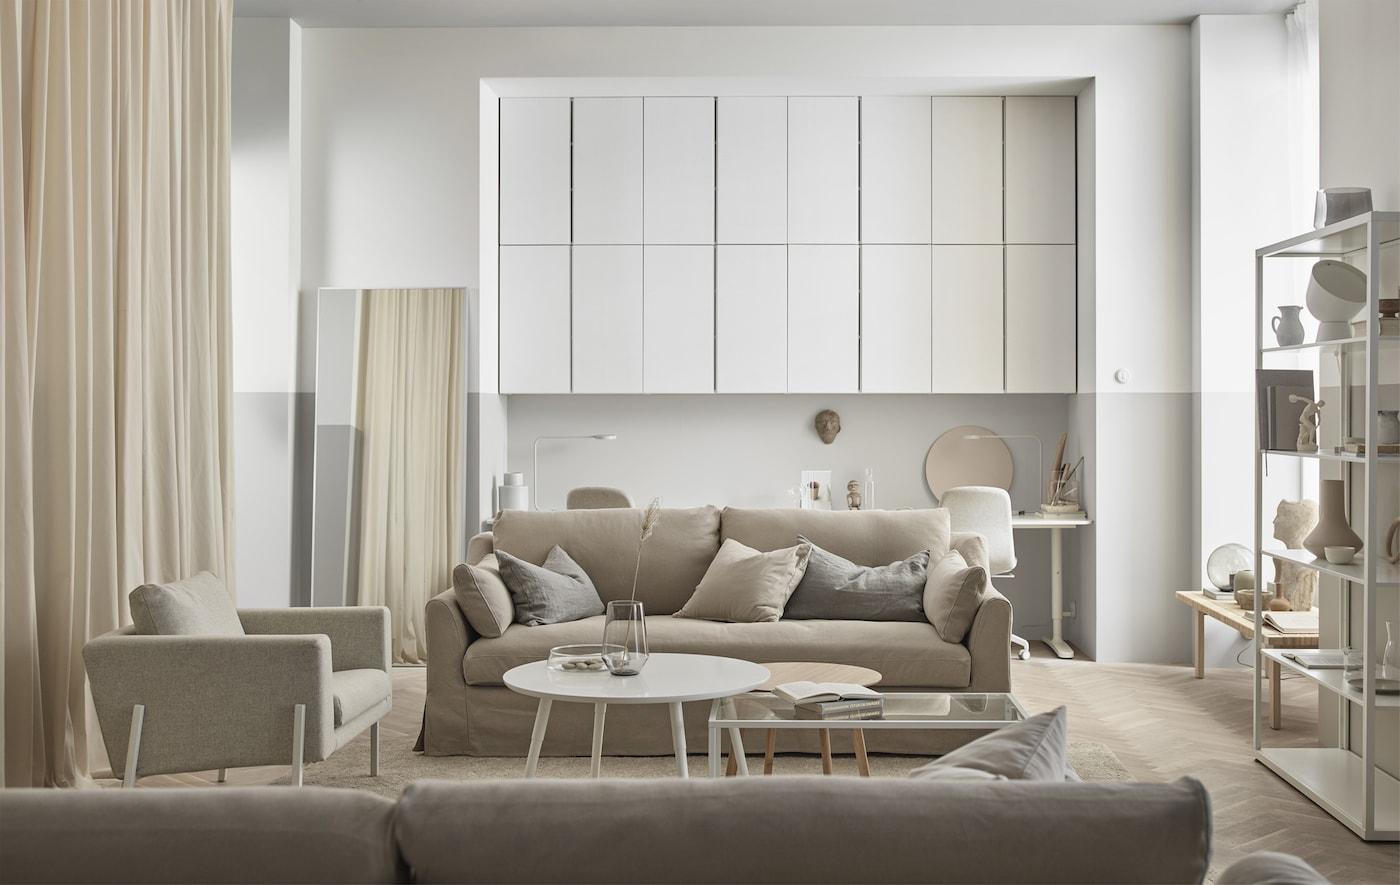 الخشب، الأبيض العاجي، والزجاج تضفي أجواء من الاسترخاء والحيوية على غرفة الجلوس.